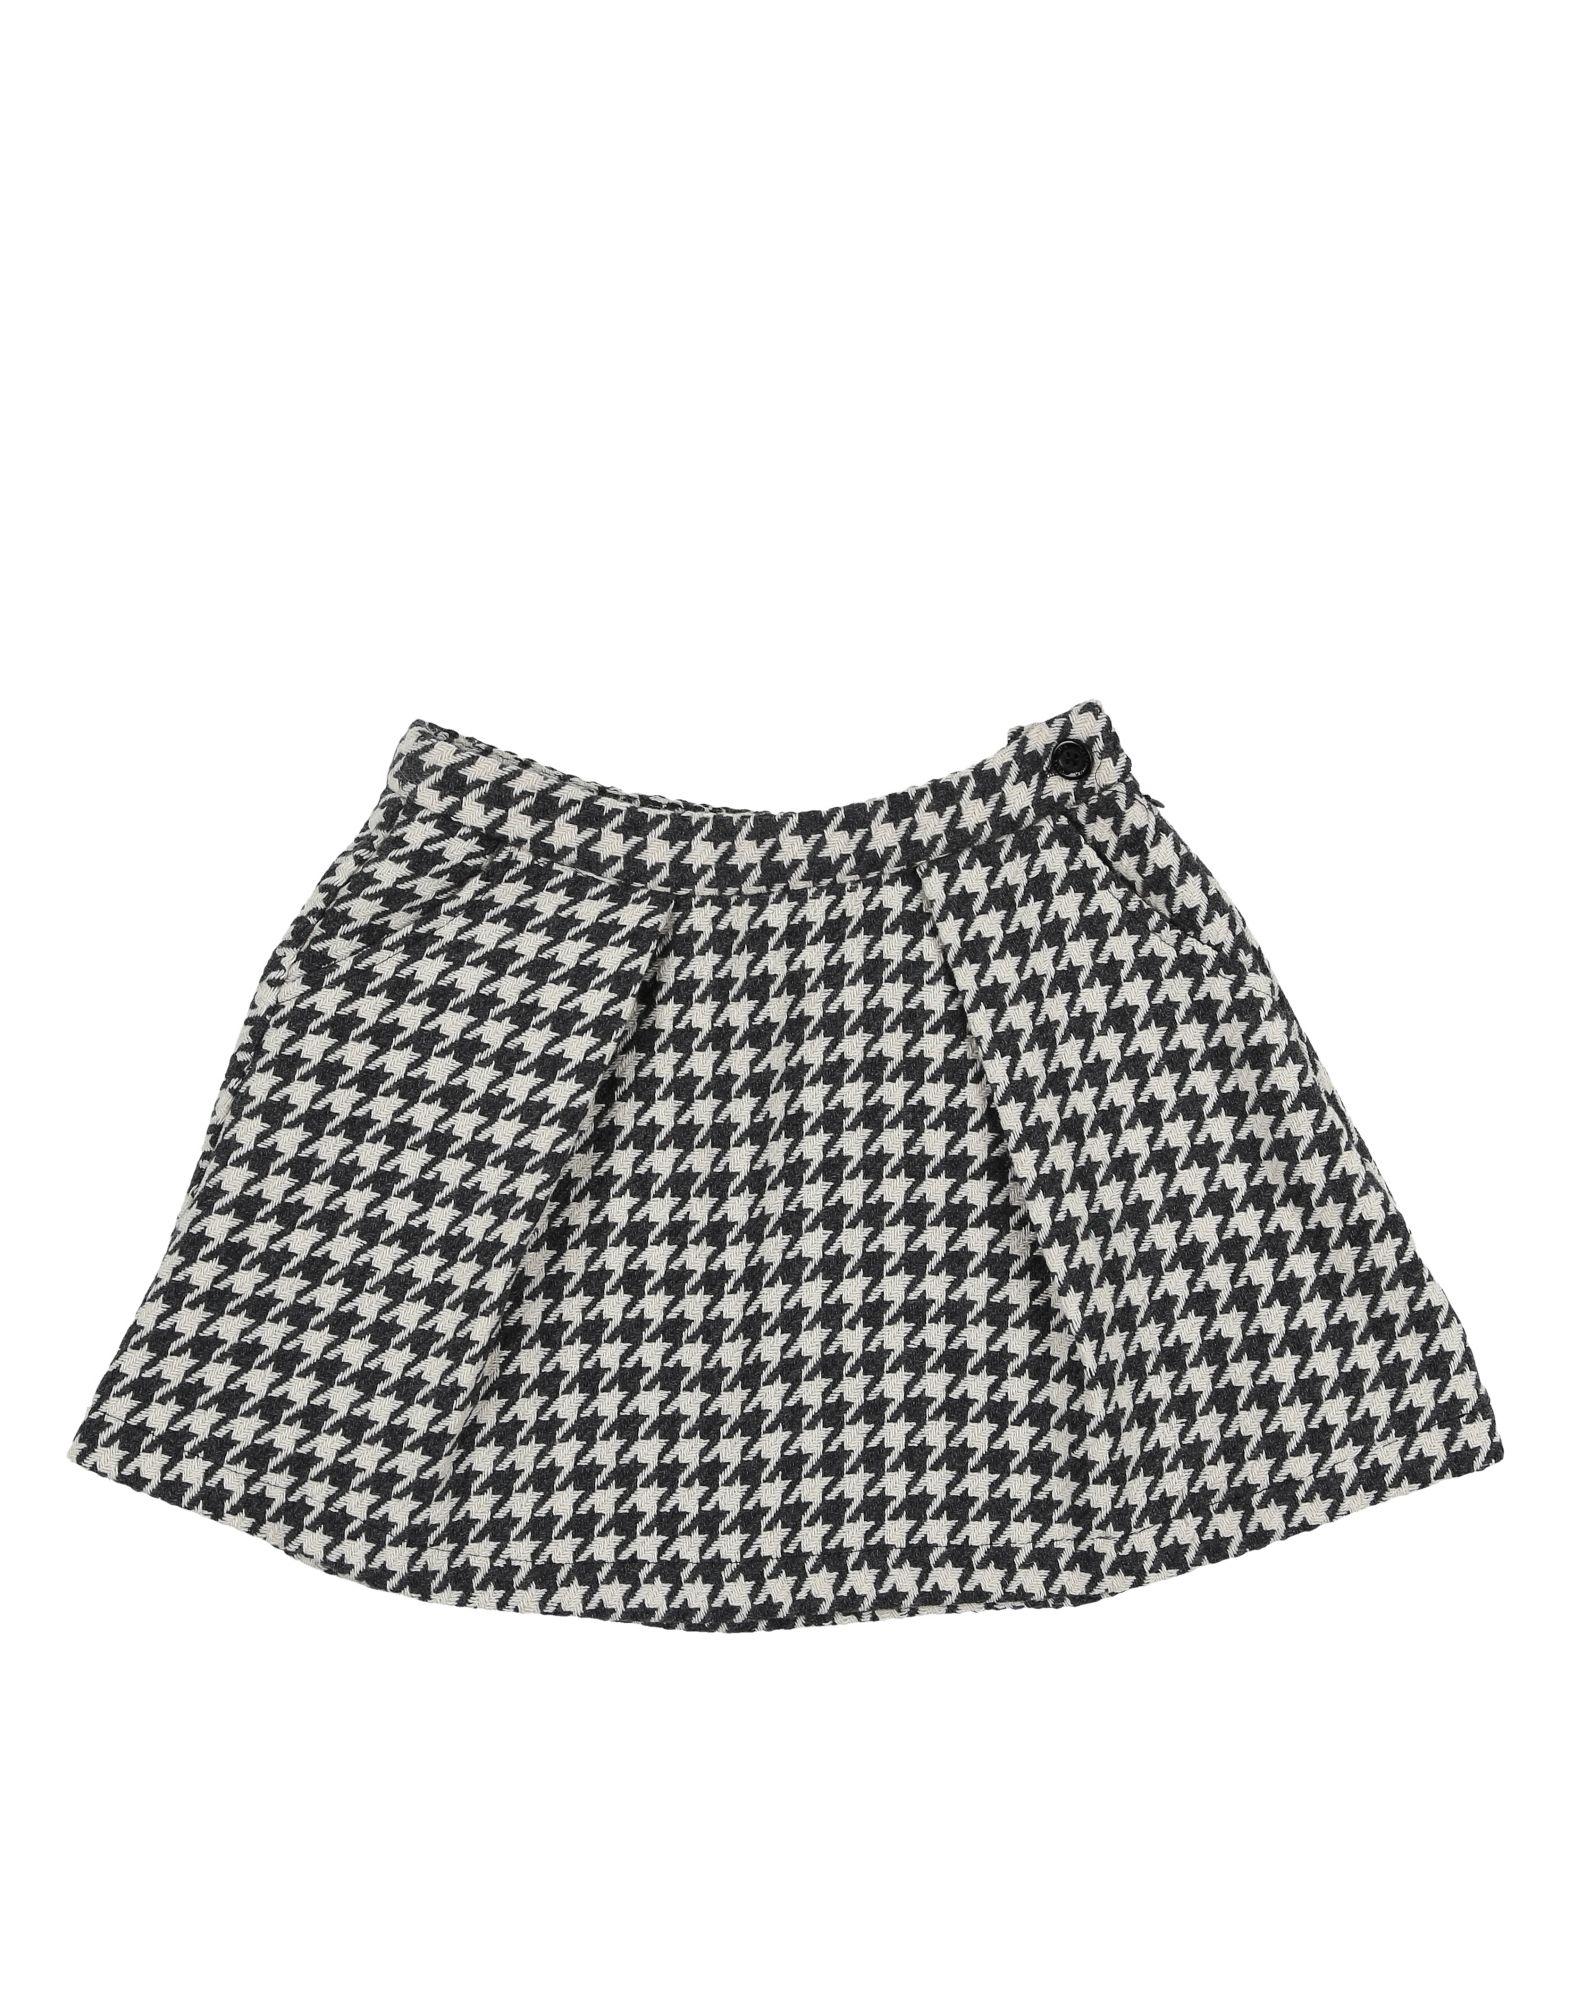 GAIALUNA Юбка юбка для девочки ge520408 разноцветный gaialuna